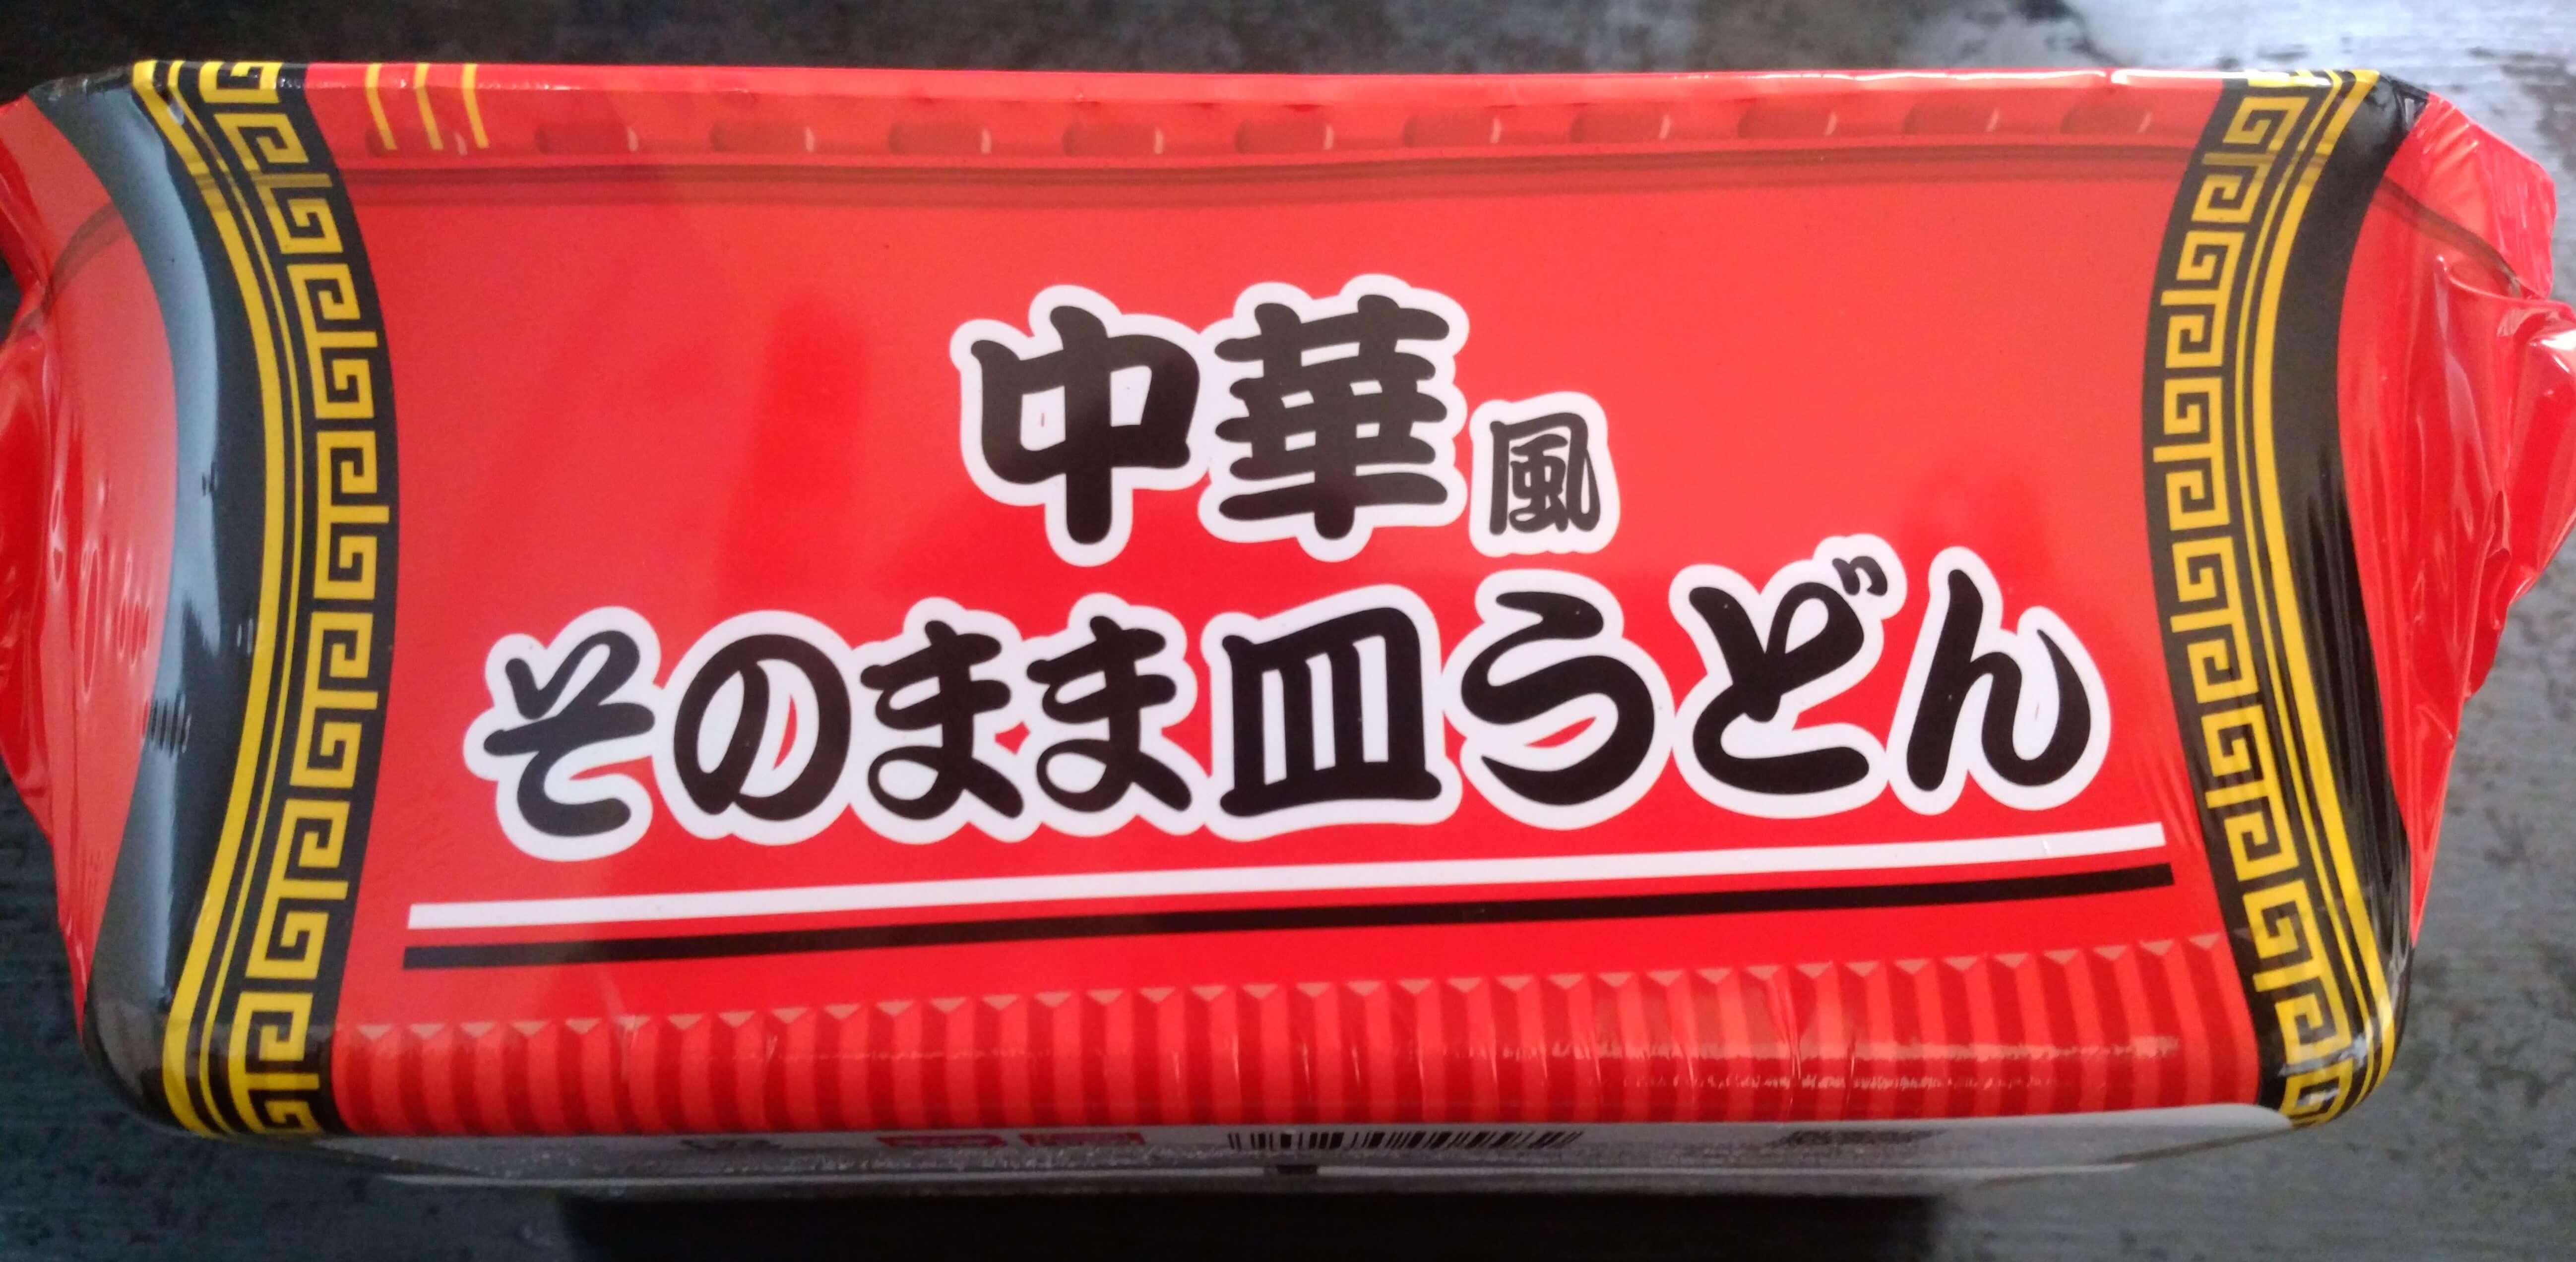 話題のペヤング中華風そのまま皿うどん:非常食としては便利かも!